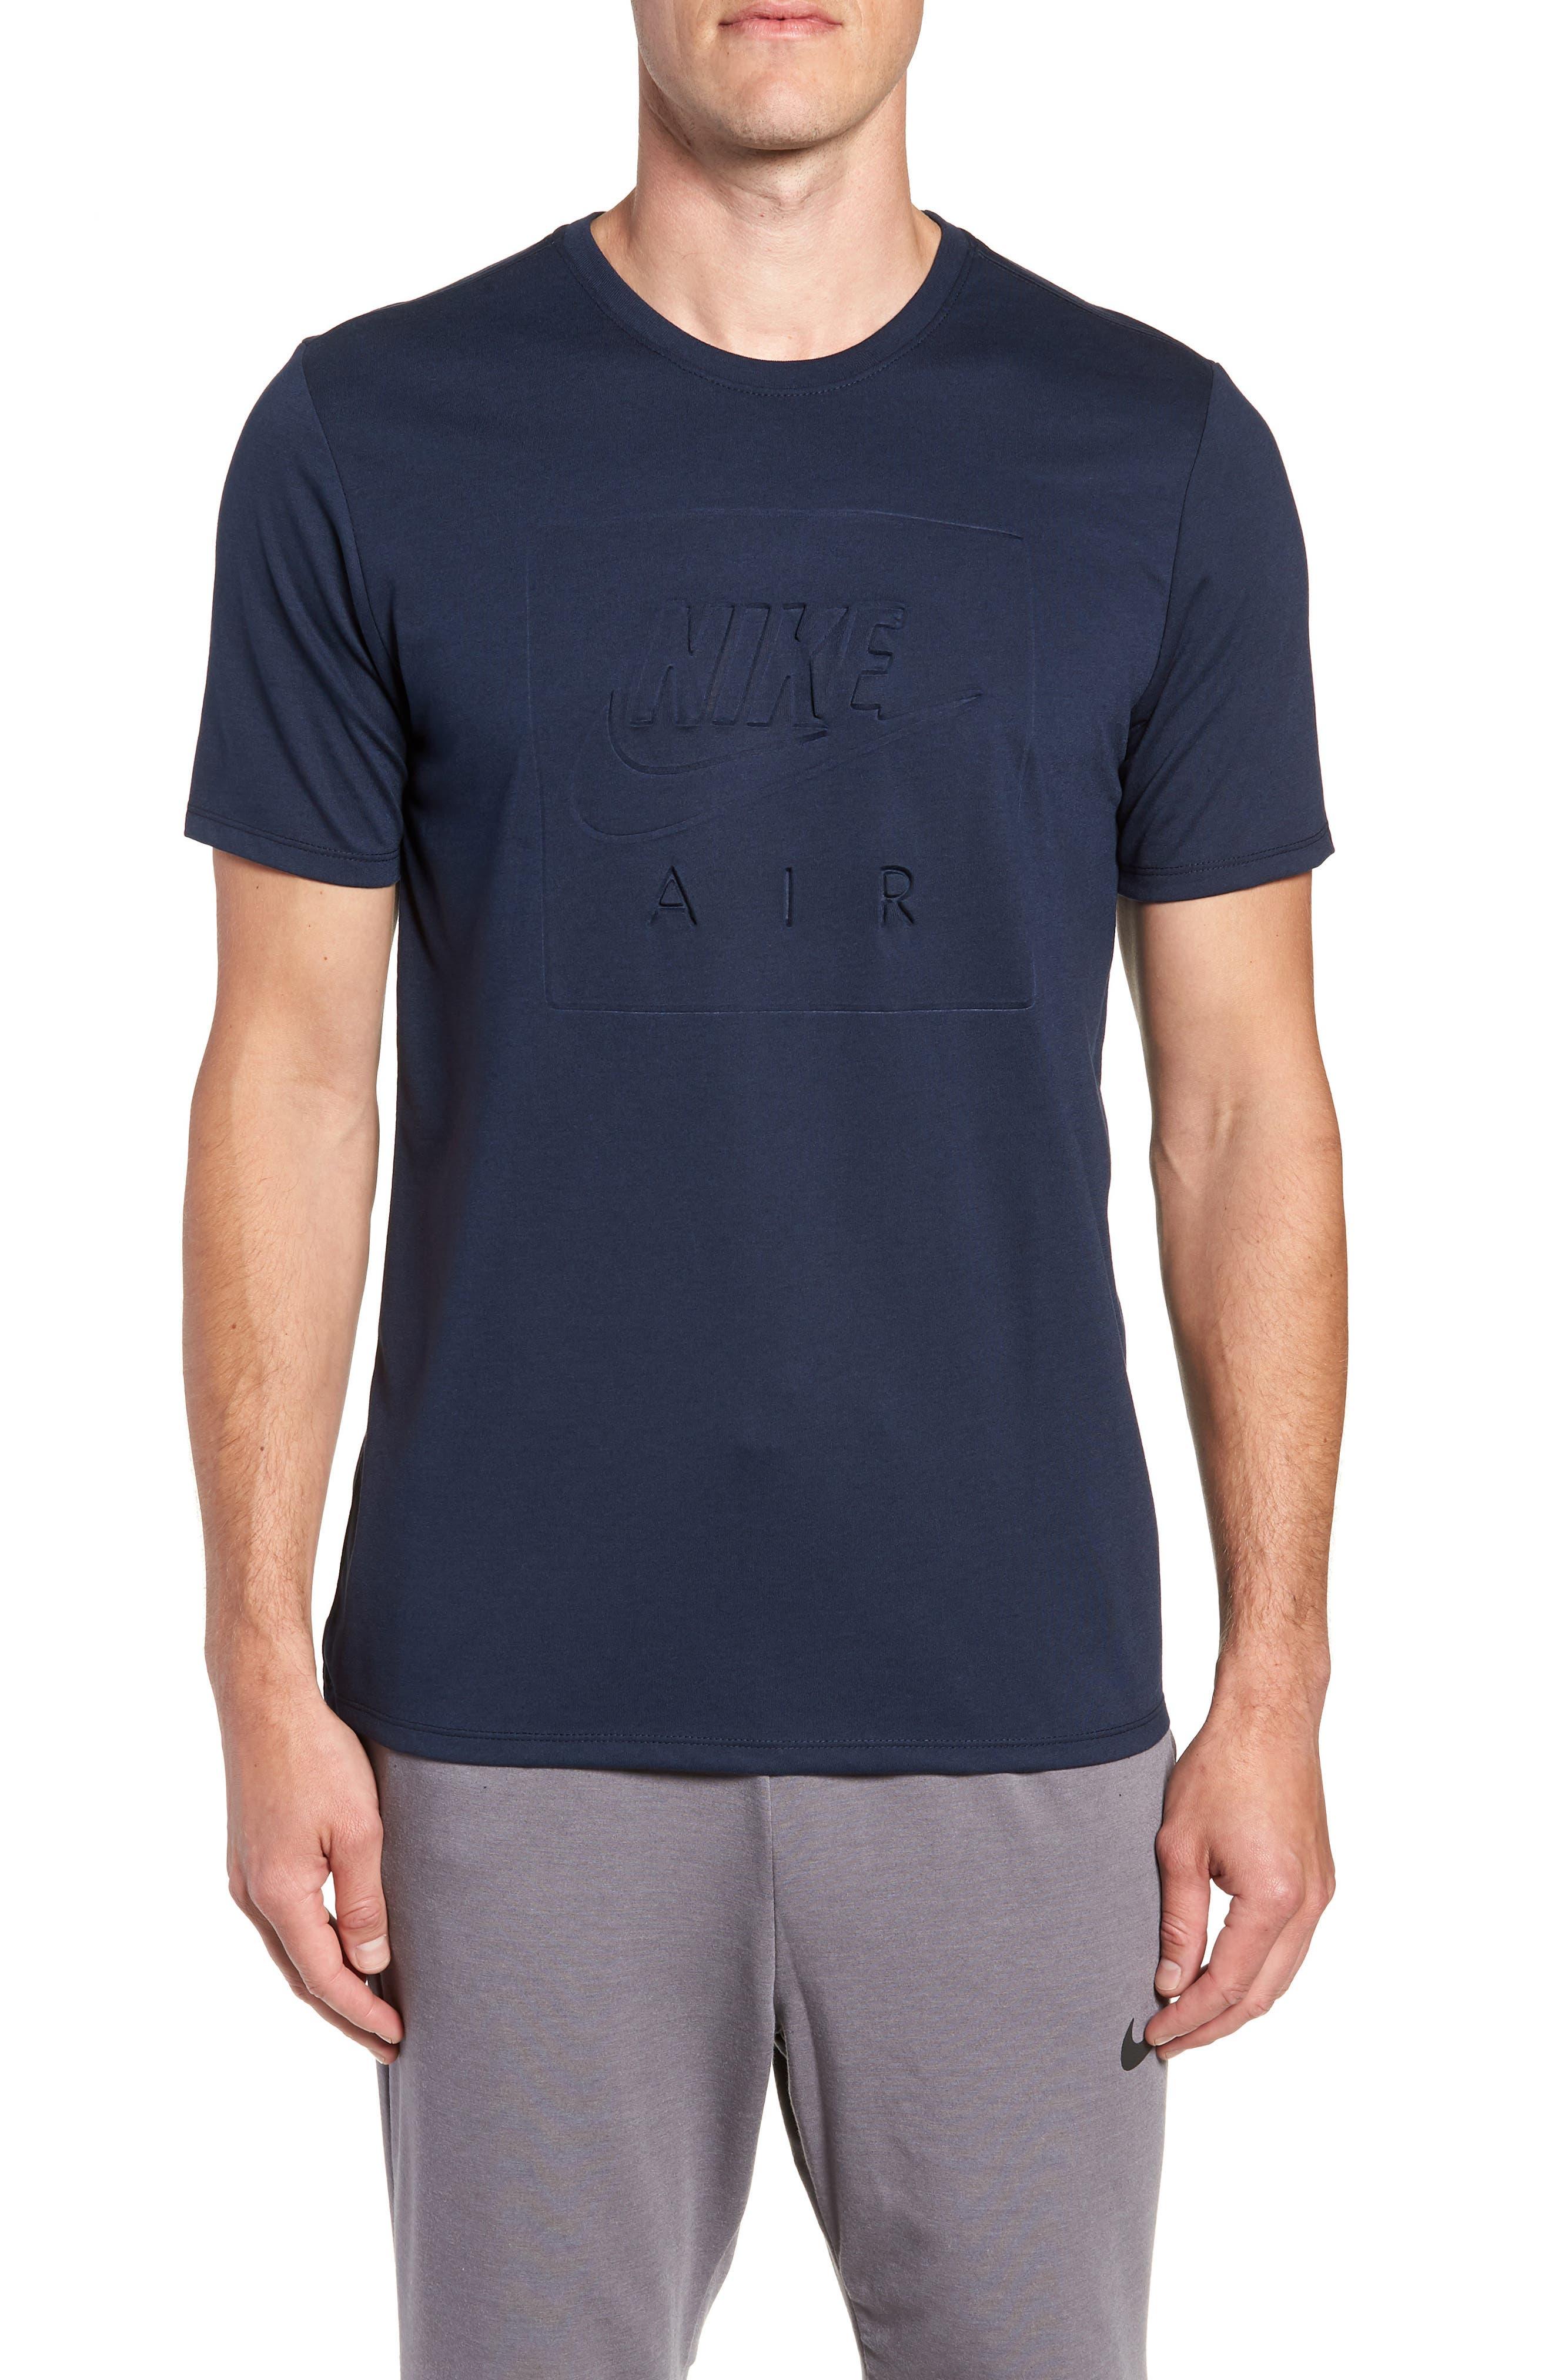 Nike Air 1 T-Shirt, Blue